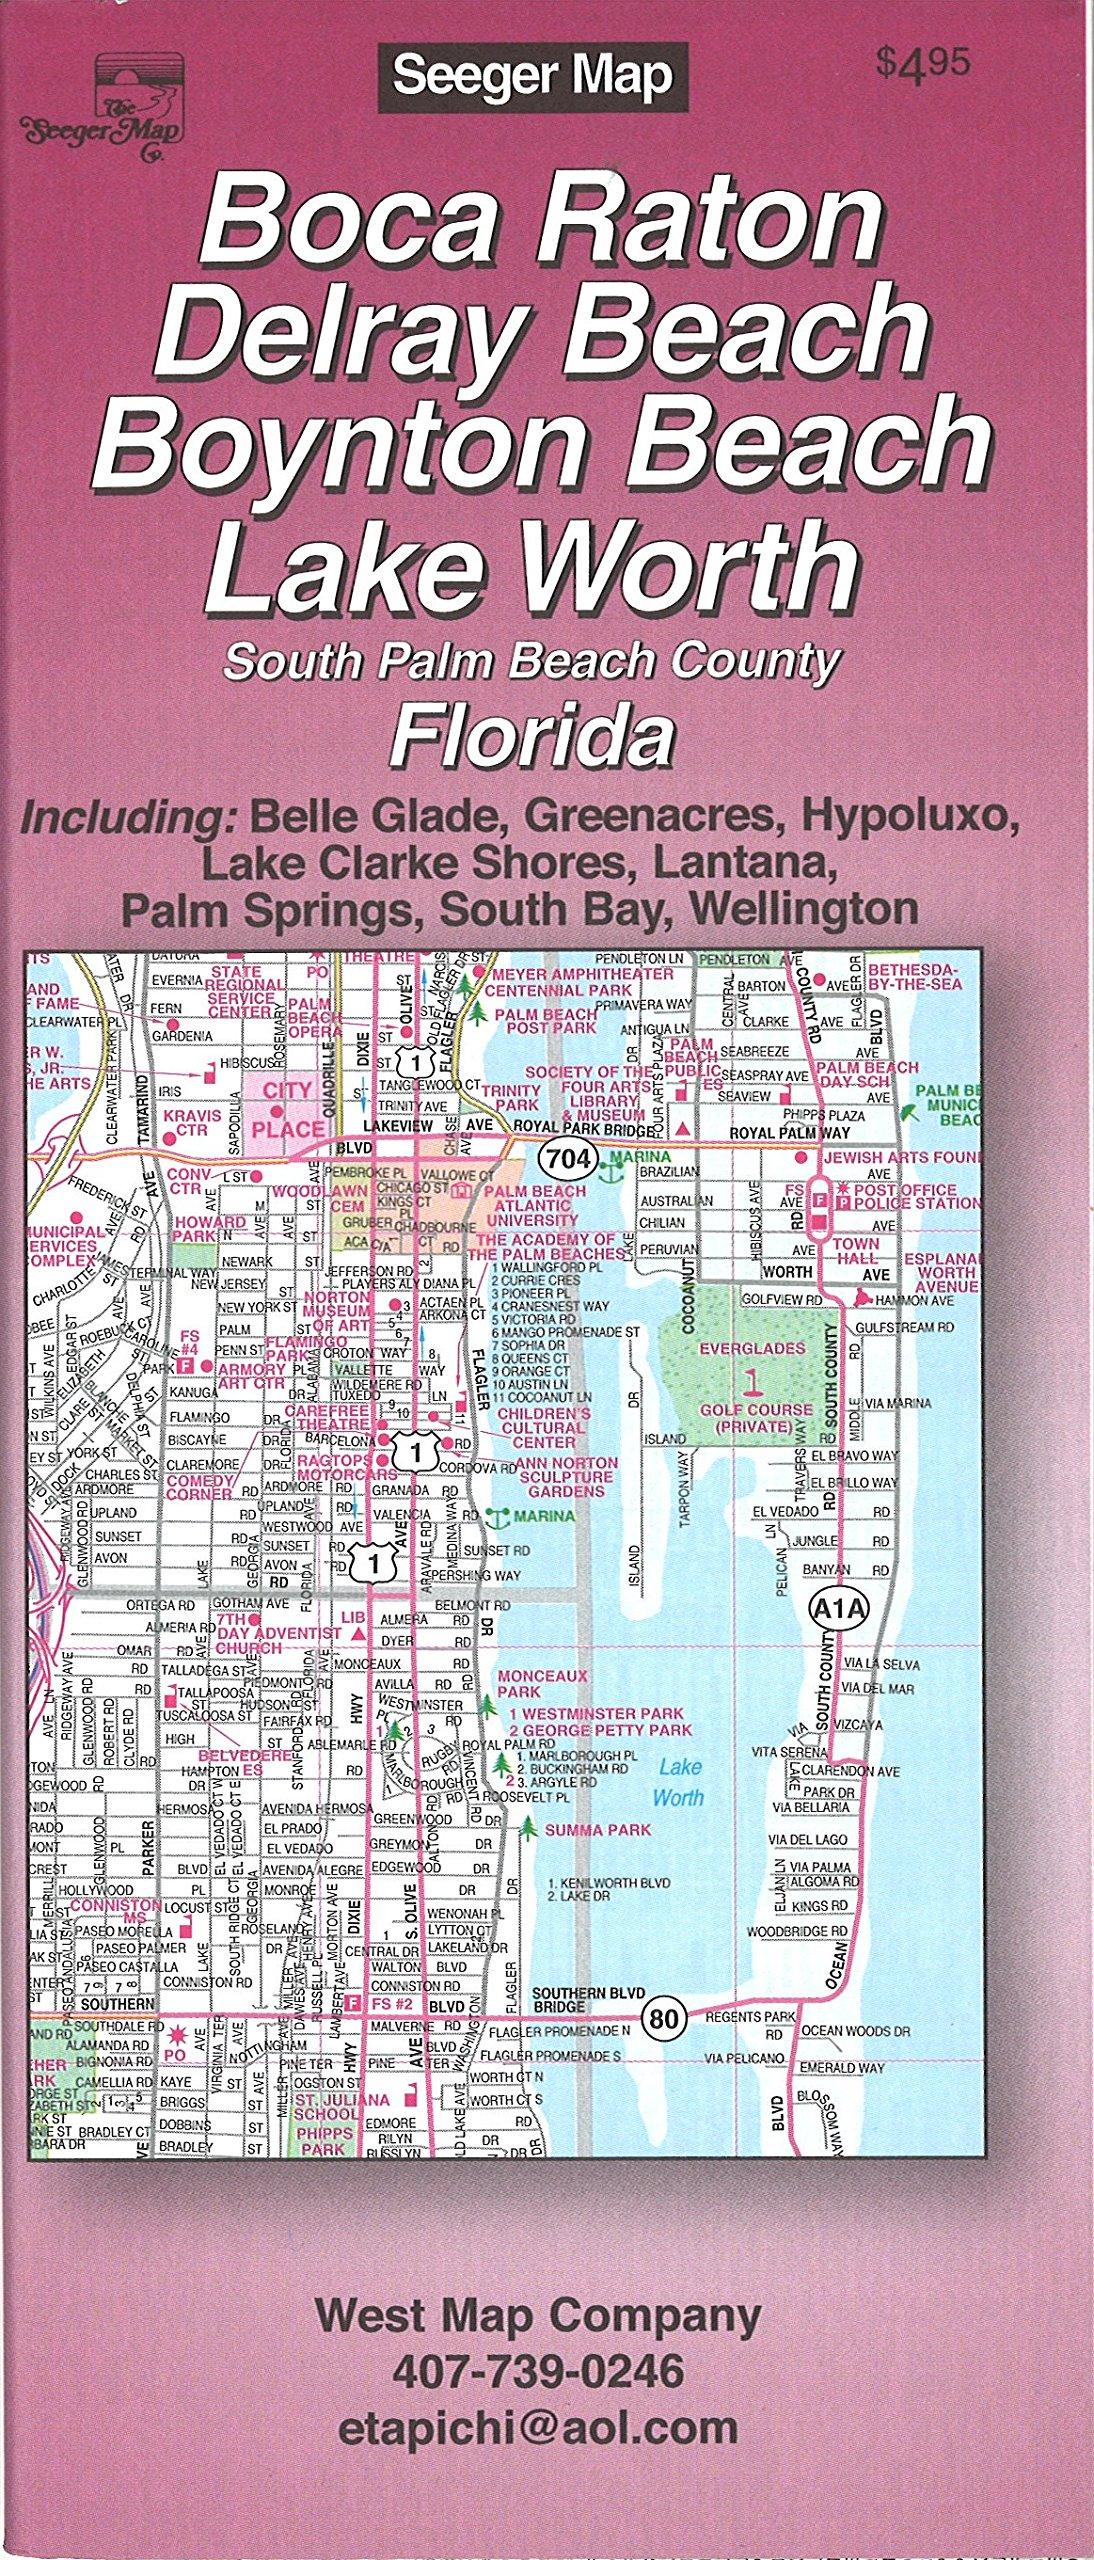 Map Of Florida Showing Delray Beach.Boca Raton Delray Beach Boynton Beach Lake Worth South Palm